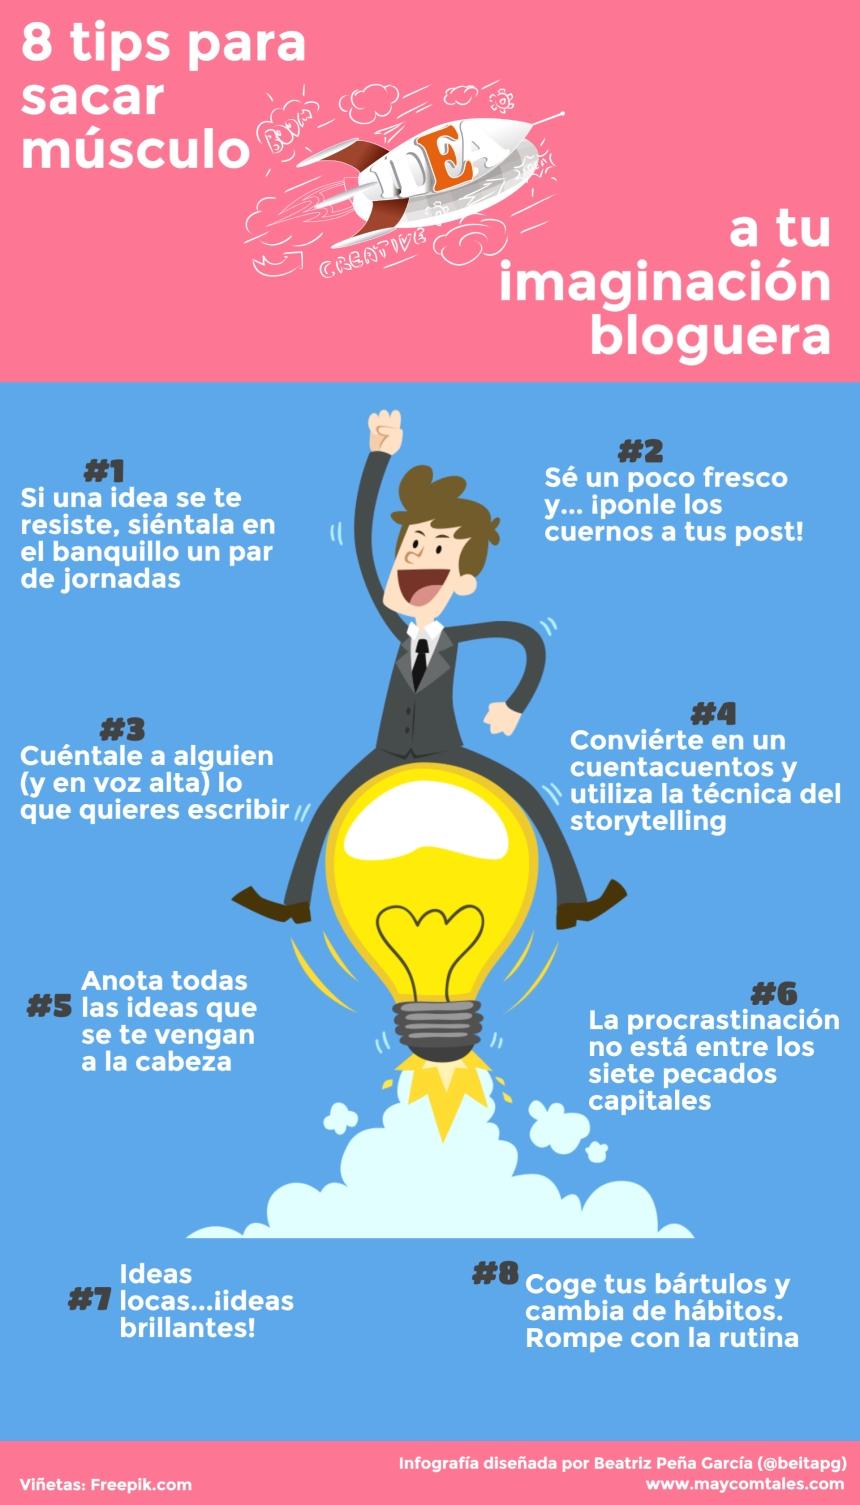 8 consejos para tu imaginación bloguera